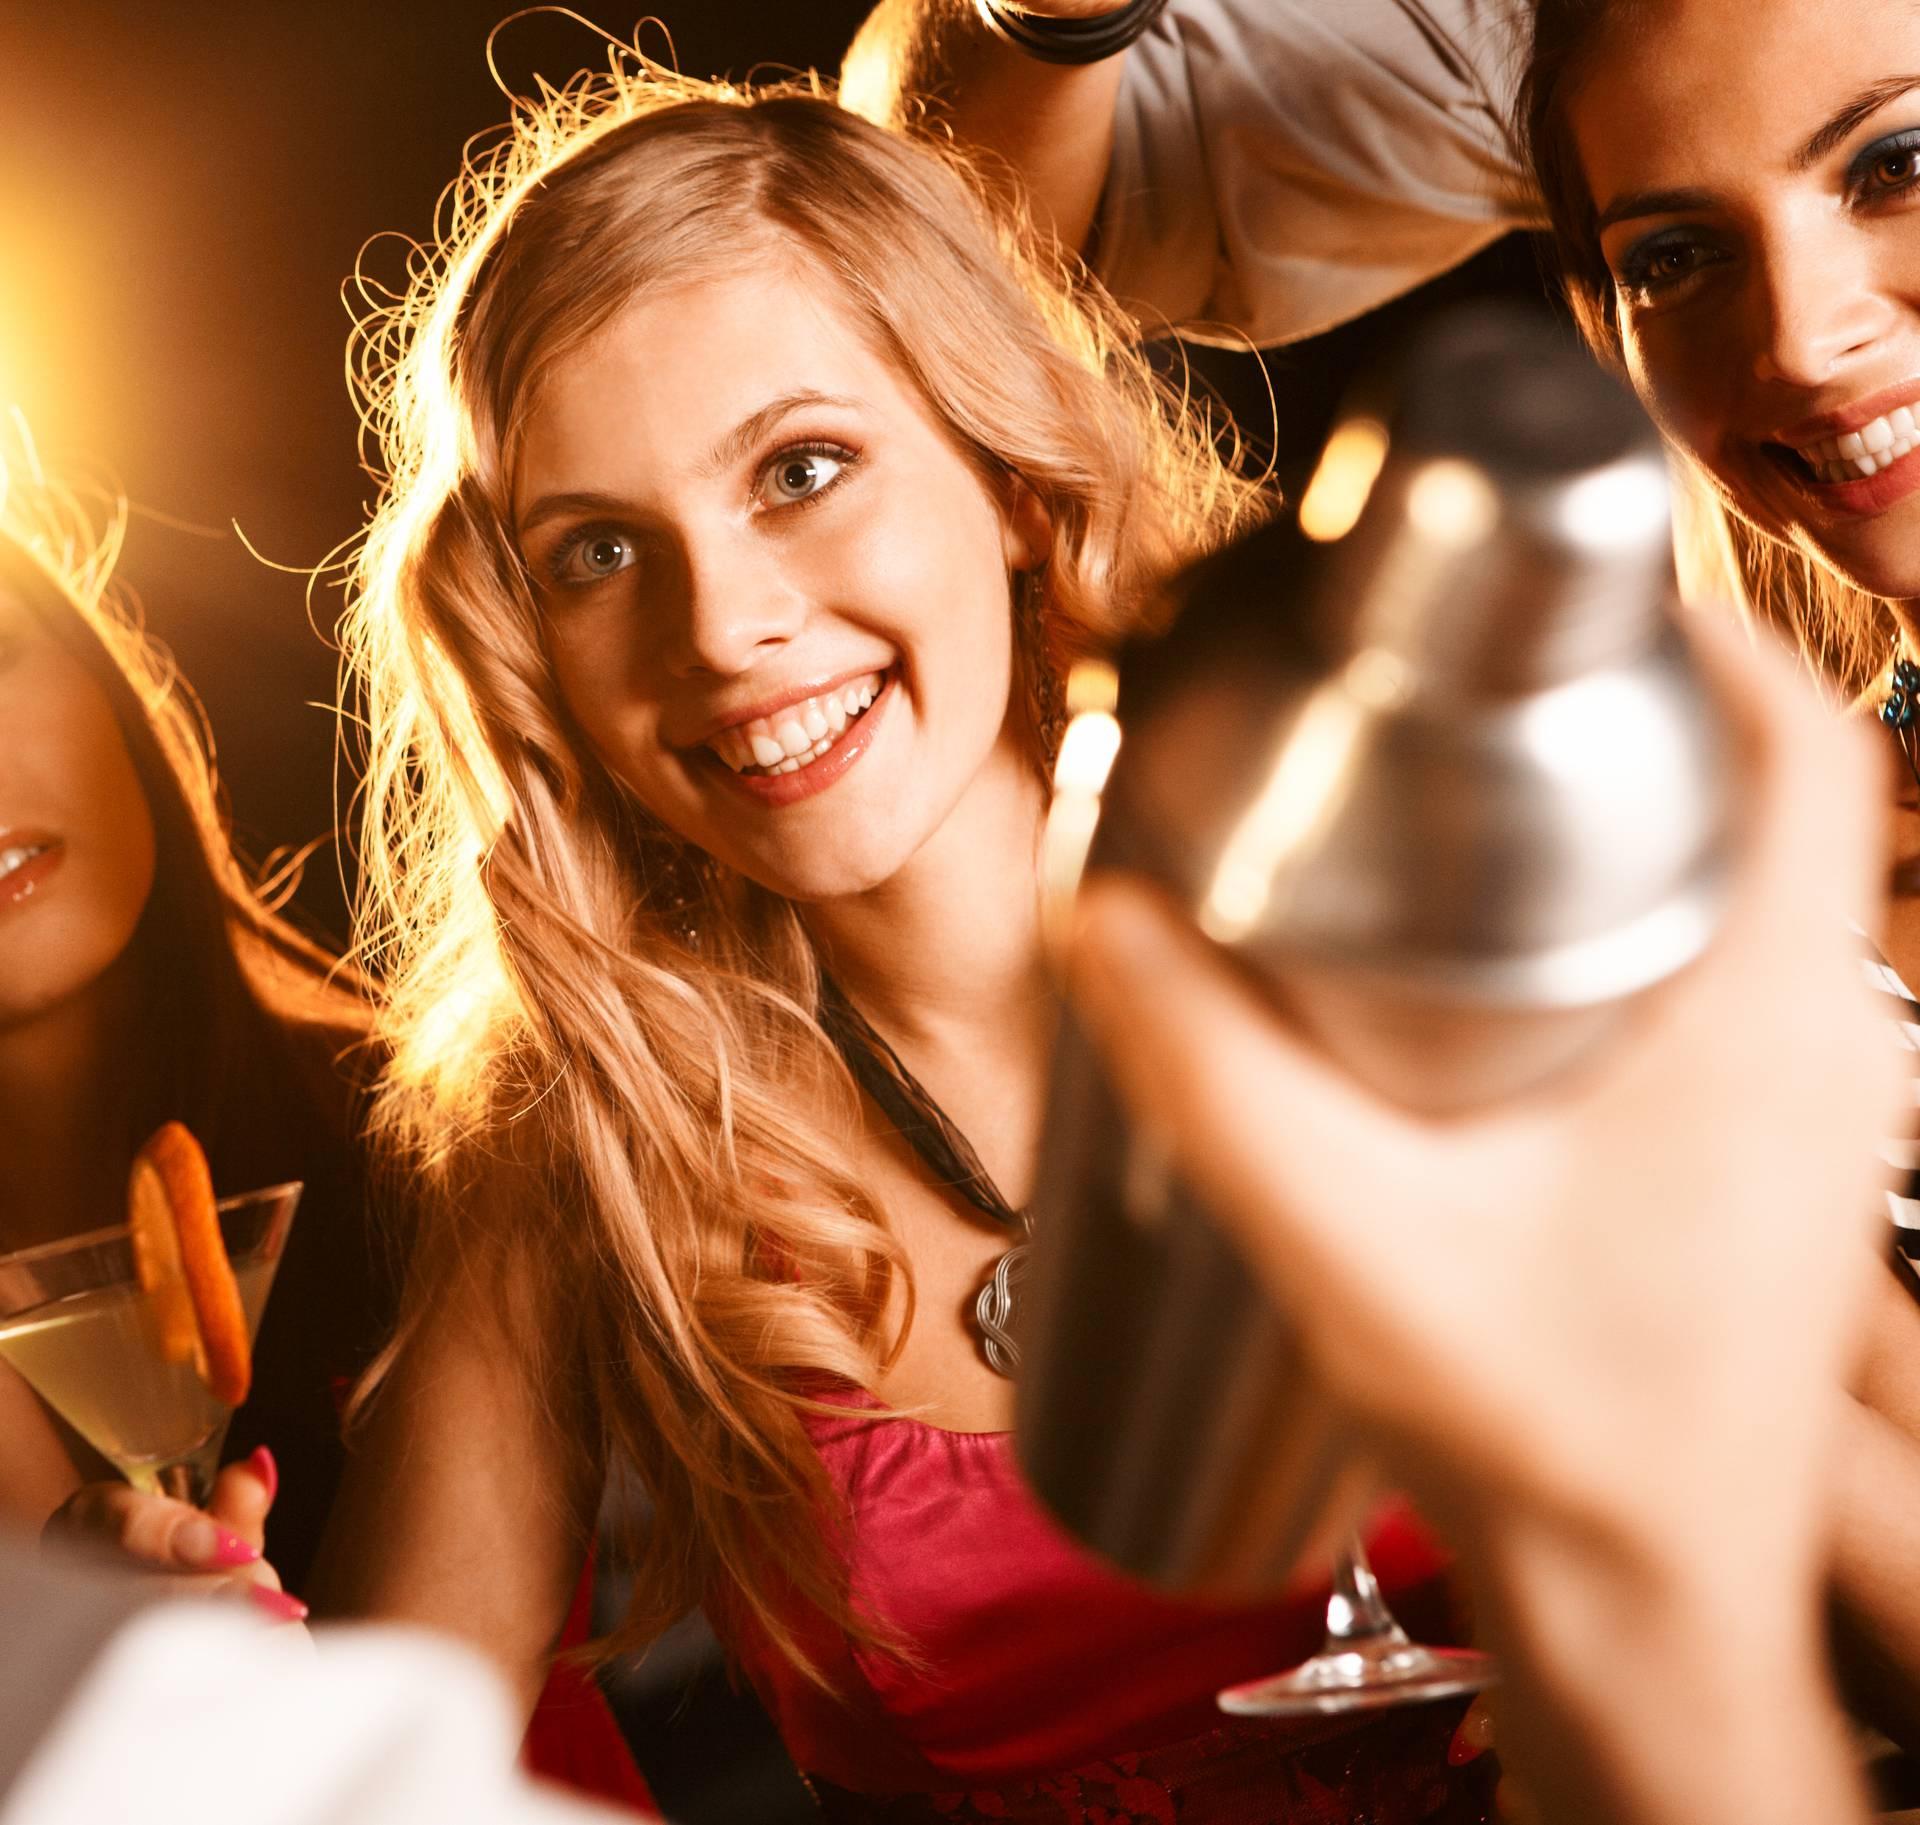 Izgled nije najvažniji: 4 stvari koje utječu na vašu privlačnost